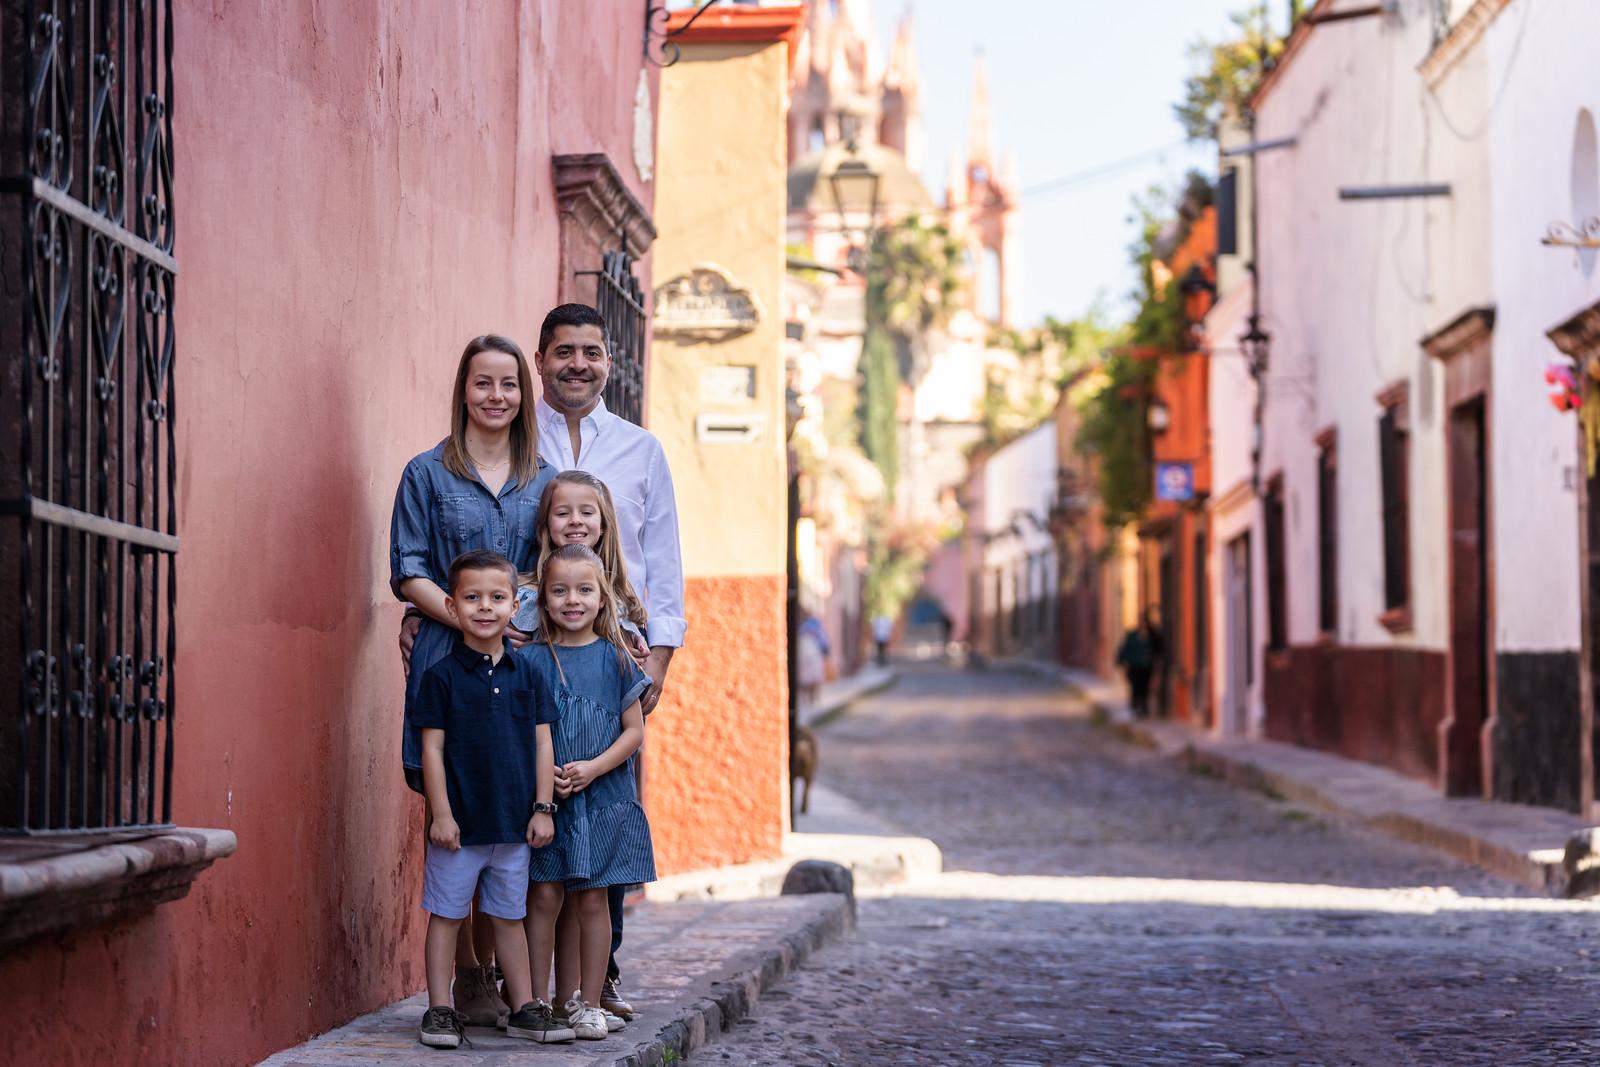 Sesion de Fotos Familiar en San Miguel de Allende con Jimena y su Familia-20.jpg